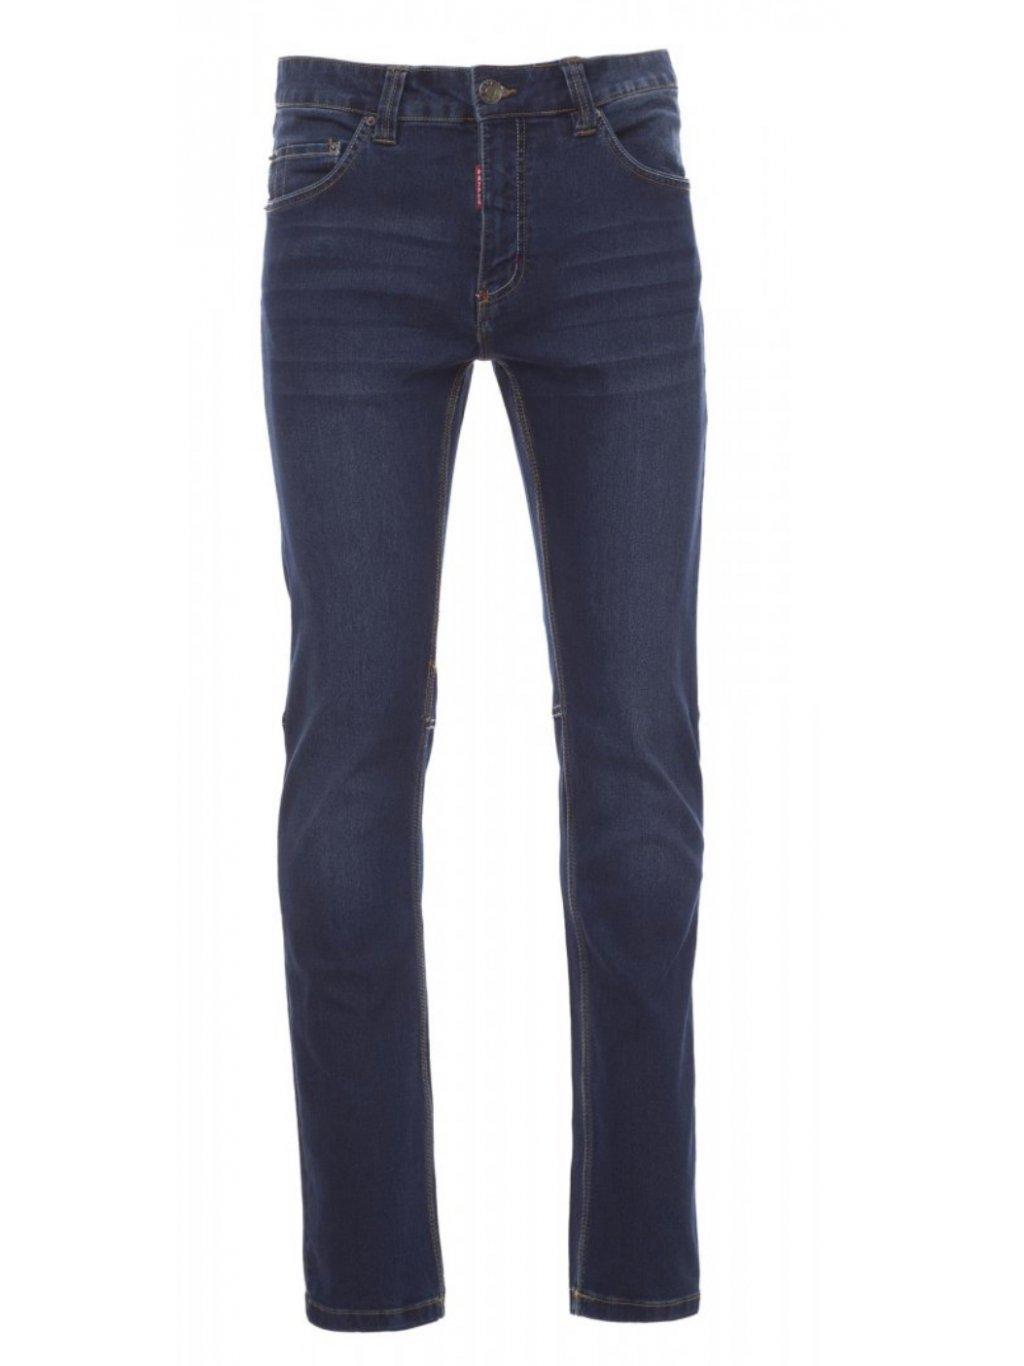 Pánske nohavice džínsového strihu